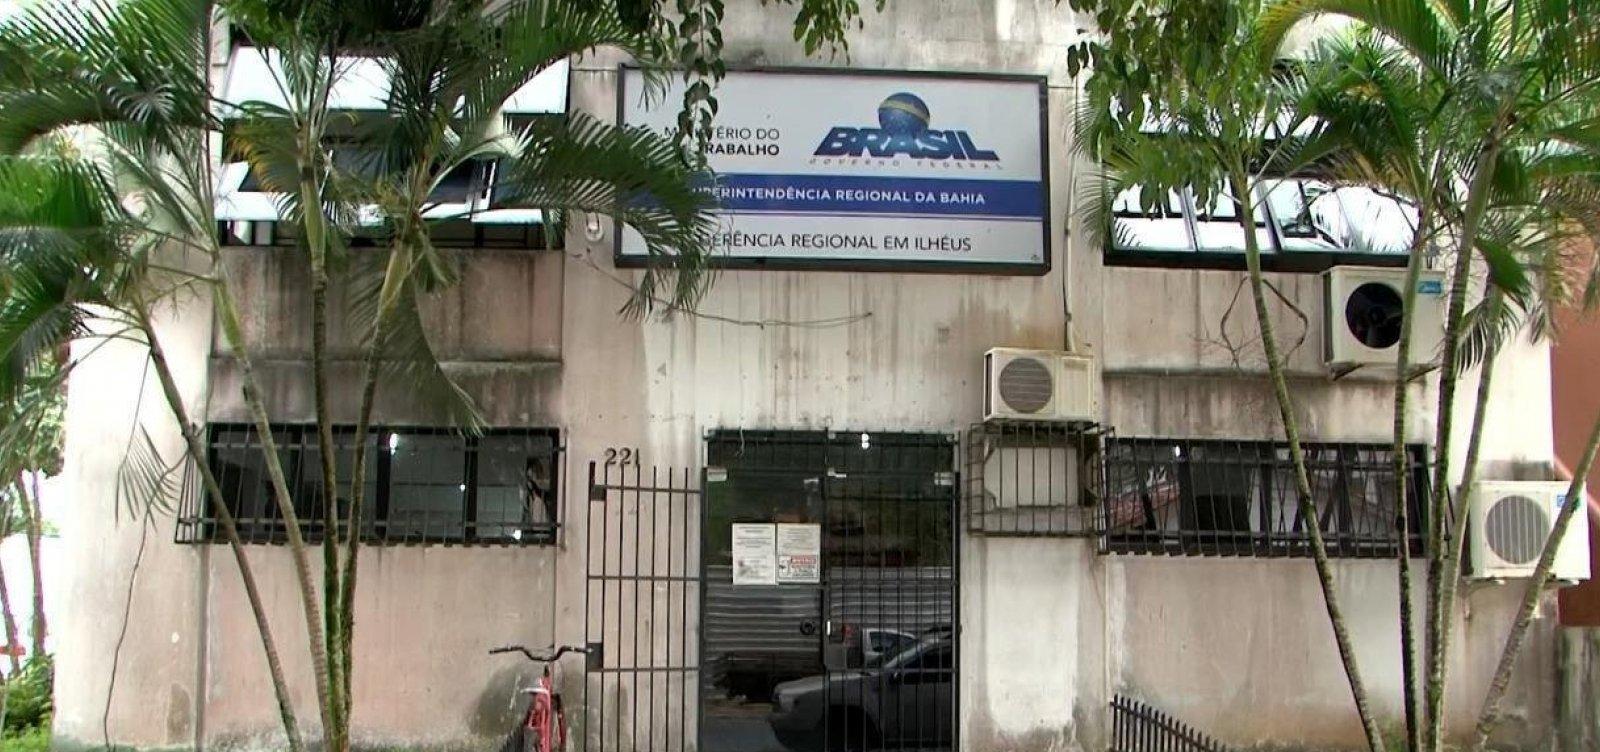 [Sede provisória do Ministério do Trabalho de Ilhéus é fechada por problemas estruturais]